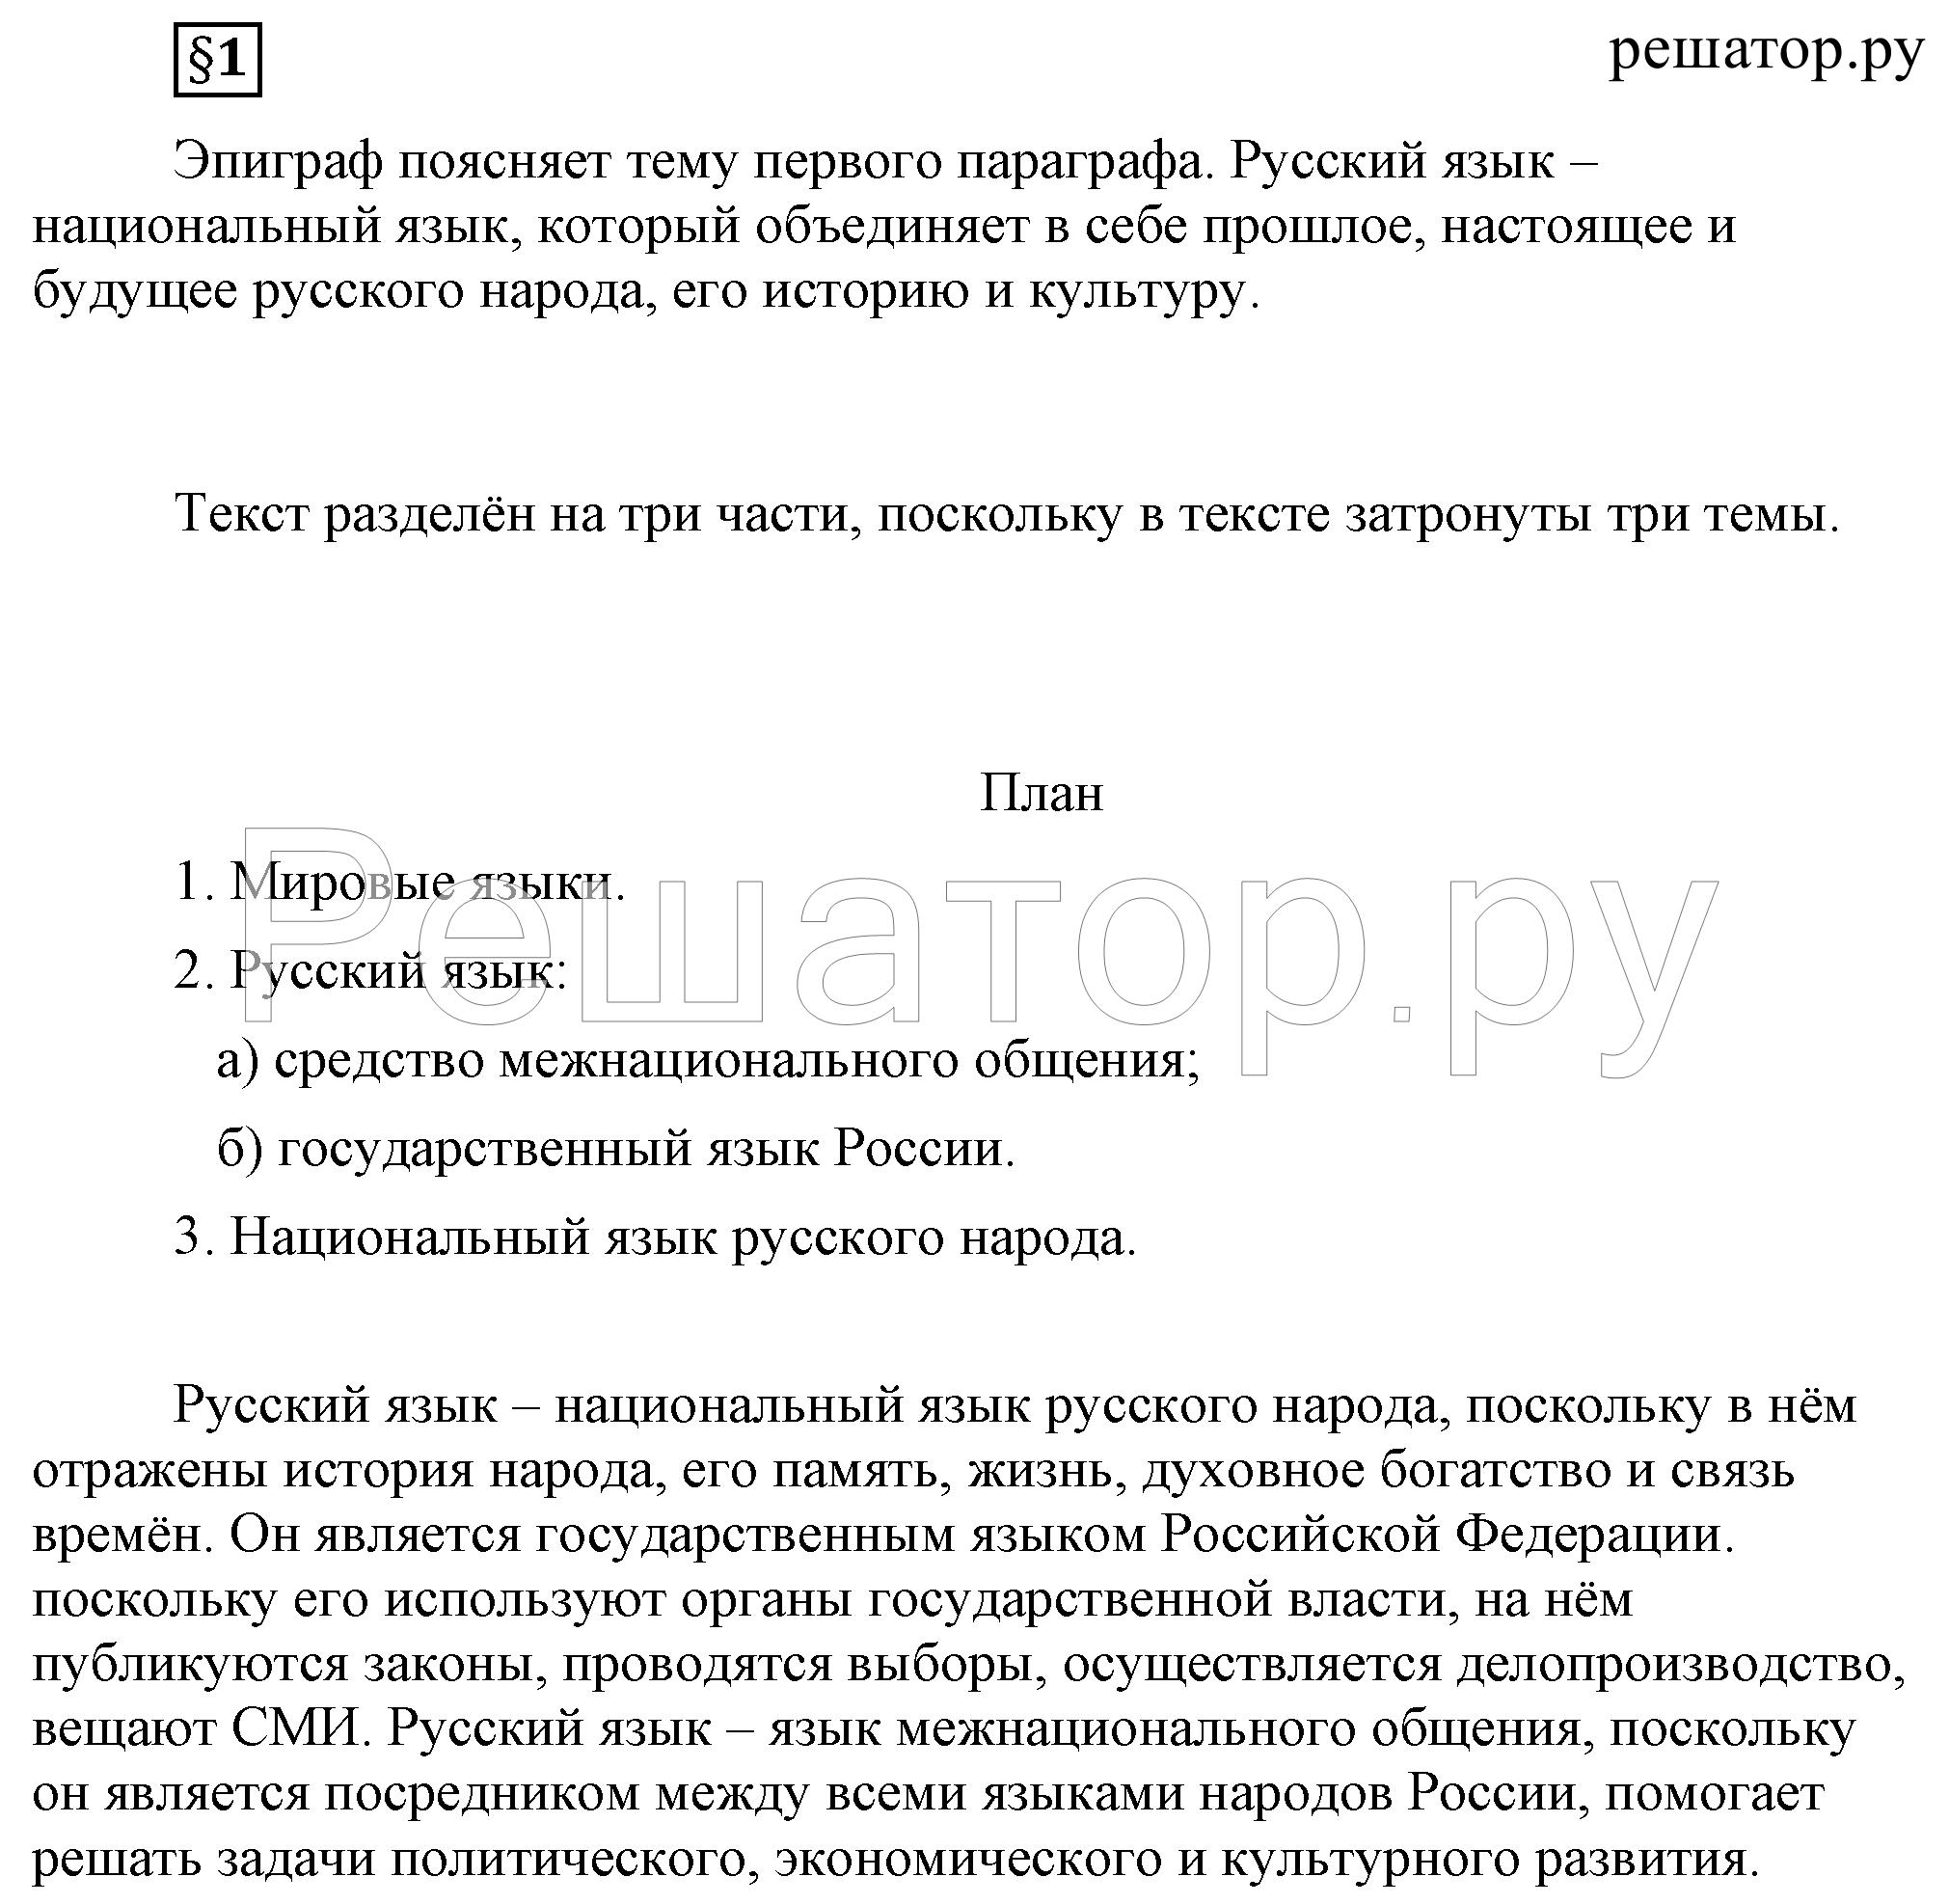 ГДЗ по русскому языку 5 класс Ладыженской Т.А. – ответы учебника 1, 2 части